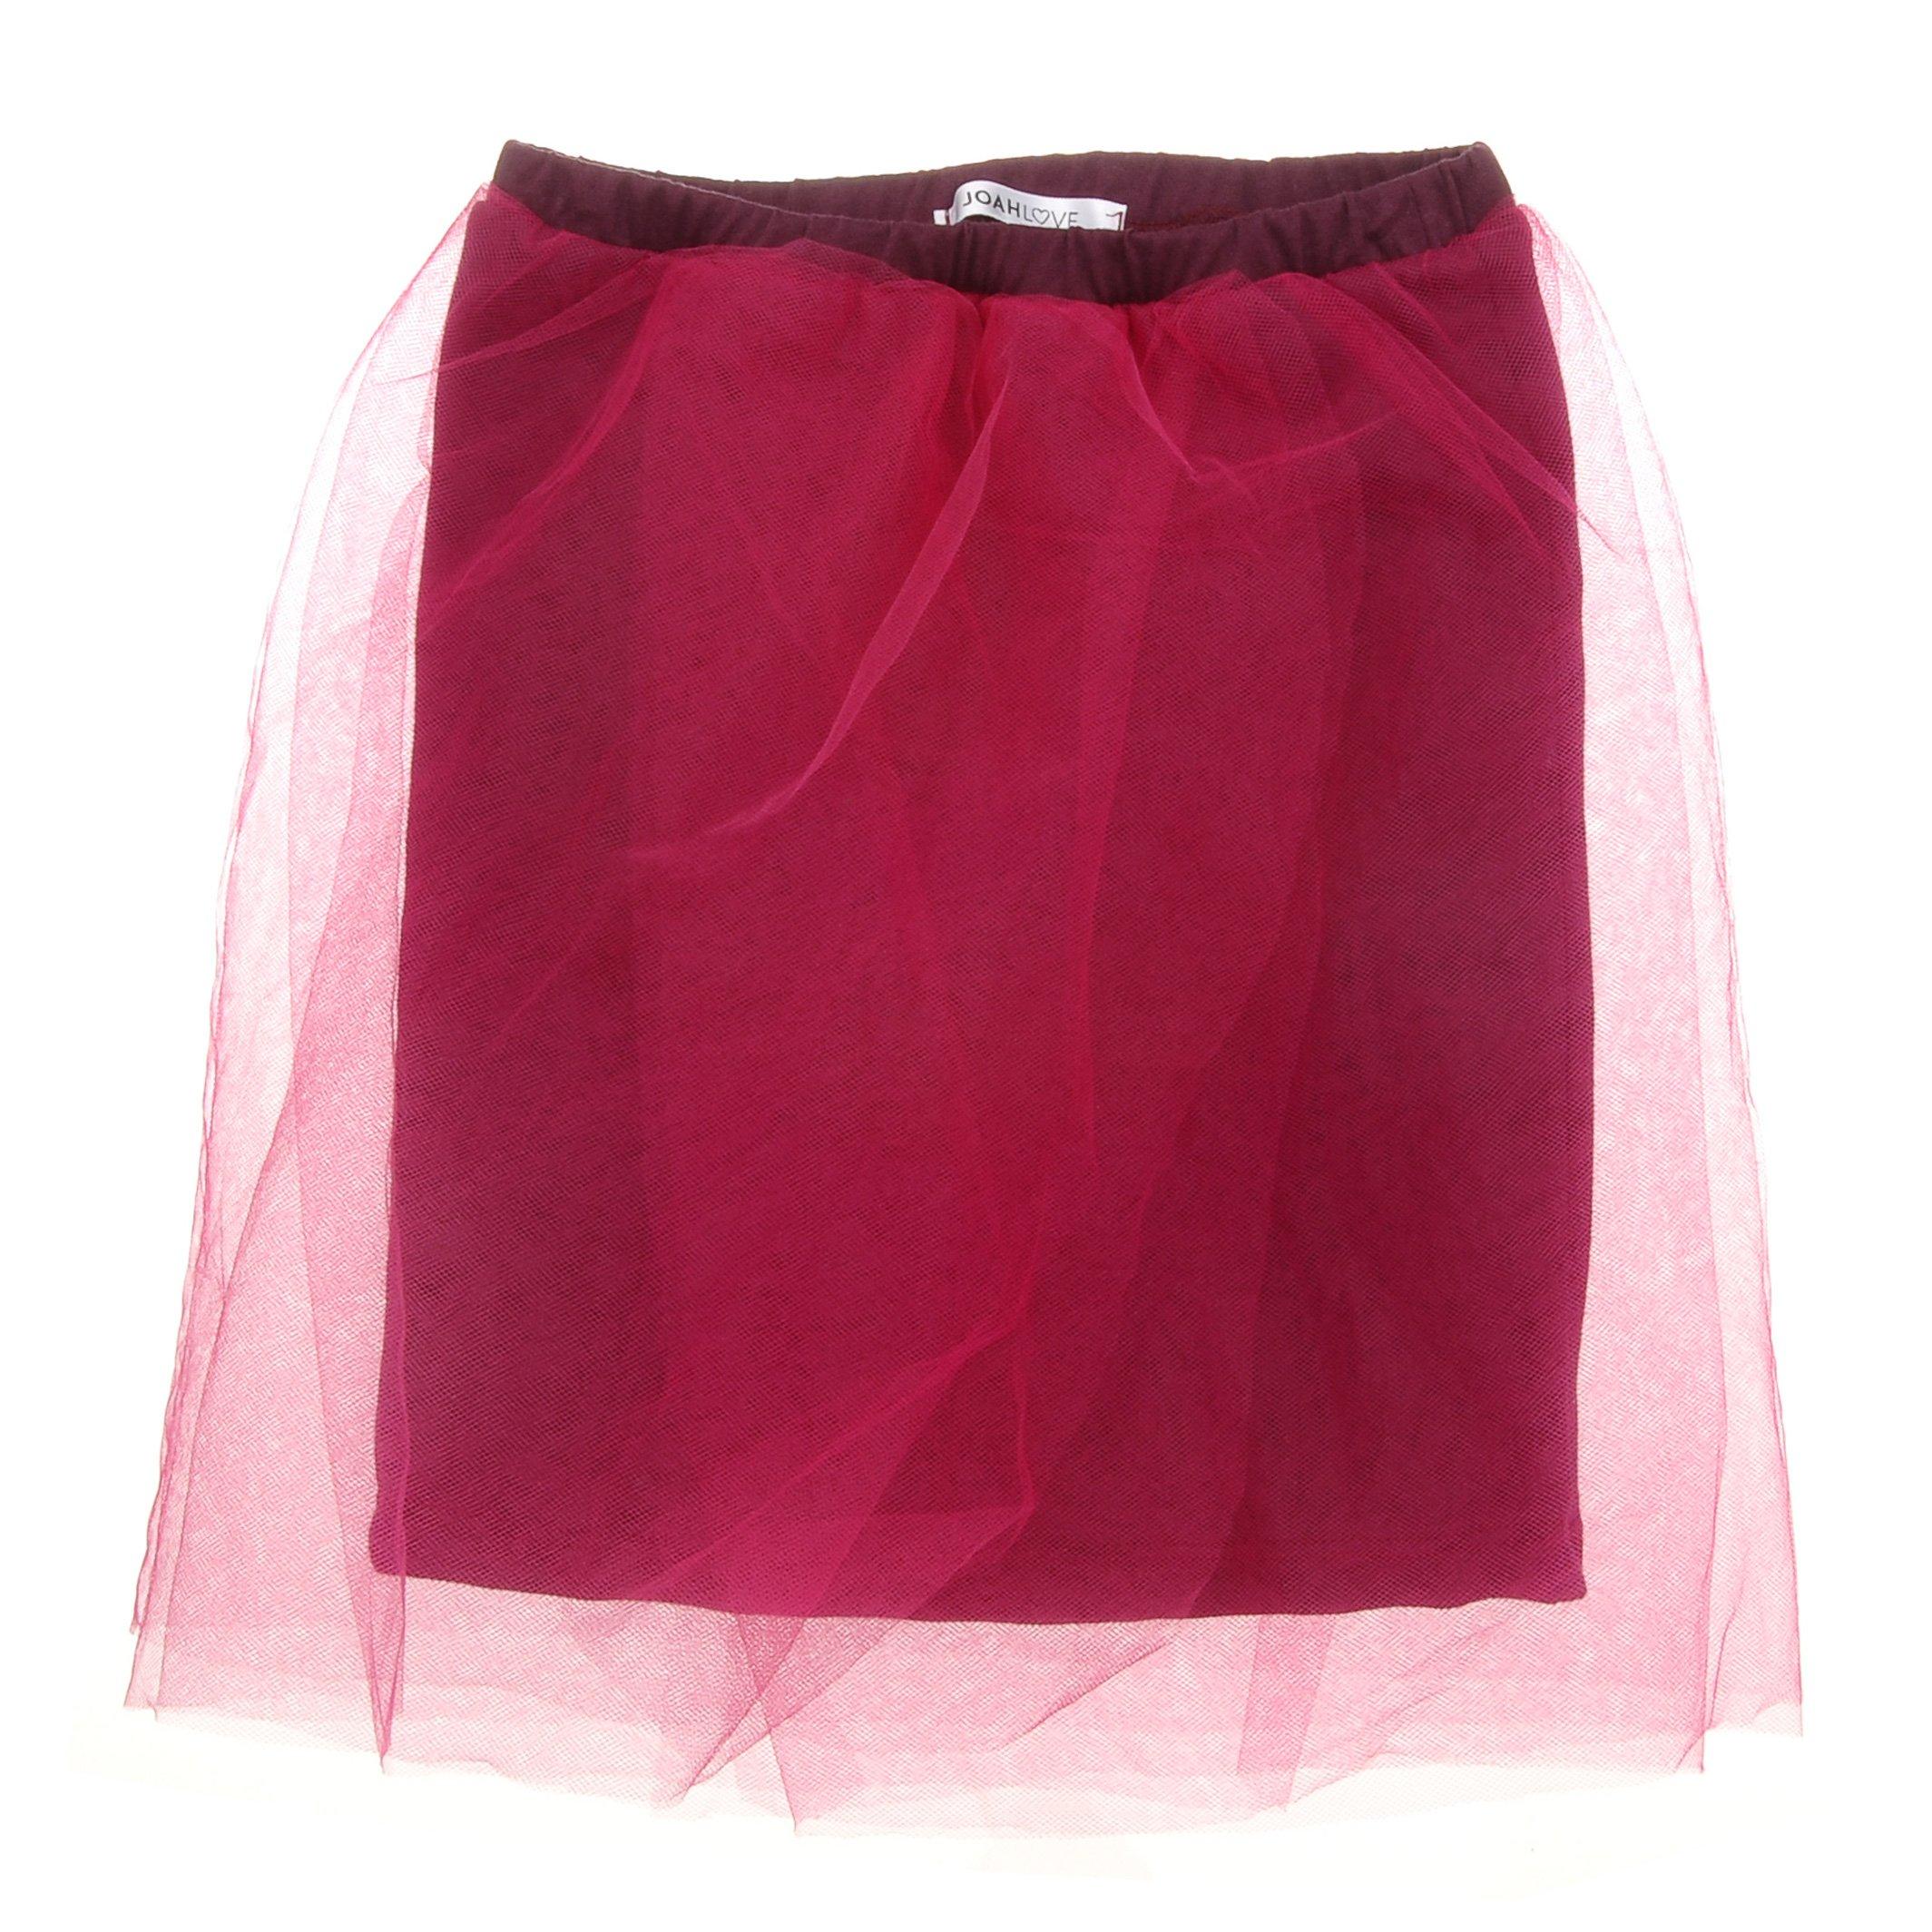 Joah Love Vivian Tulle Skirt, 12 (Pink)